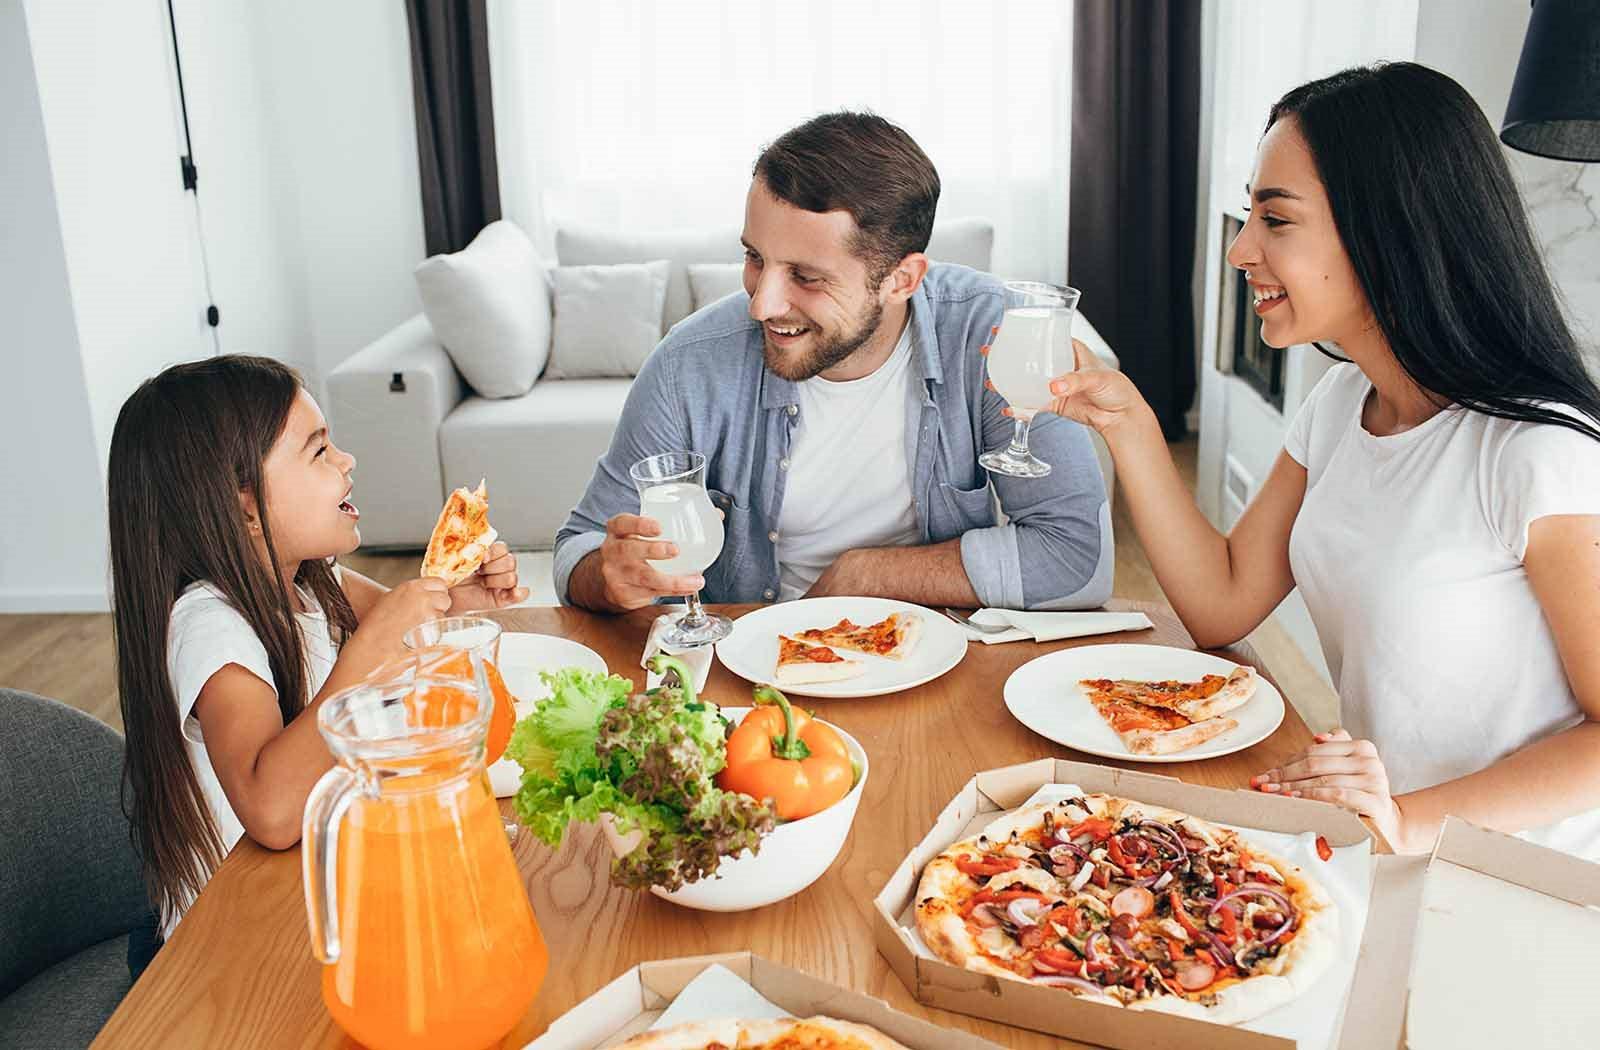 Family at home eating dinner